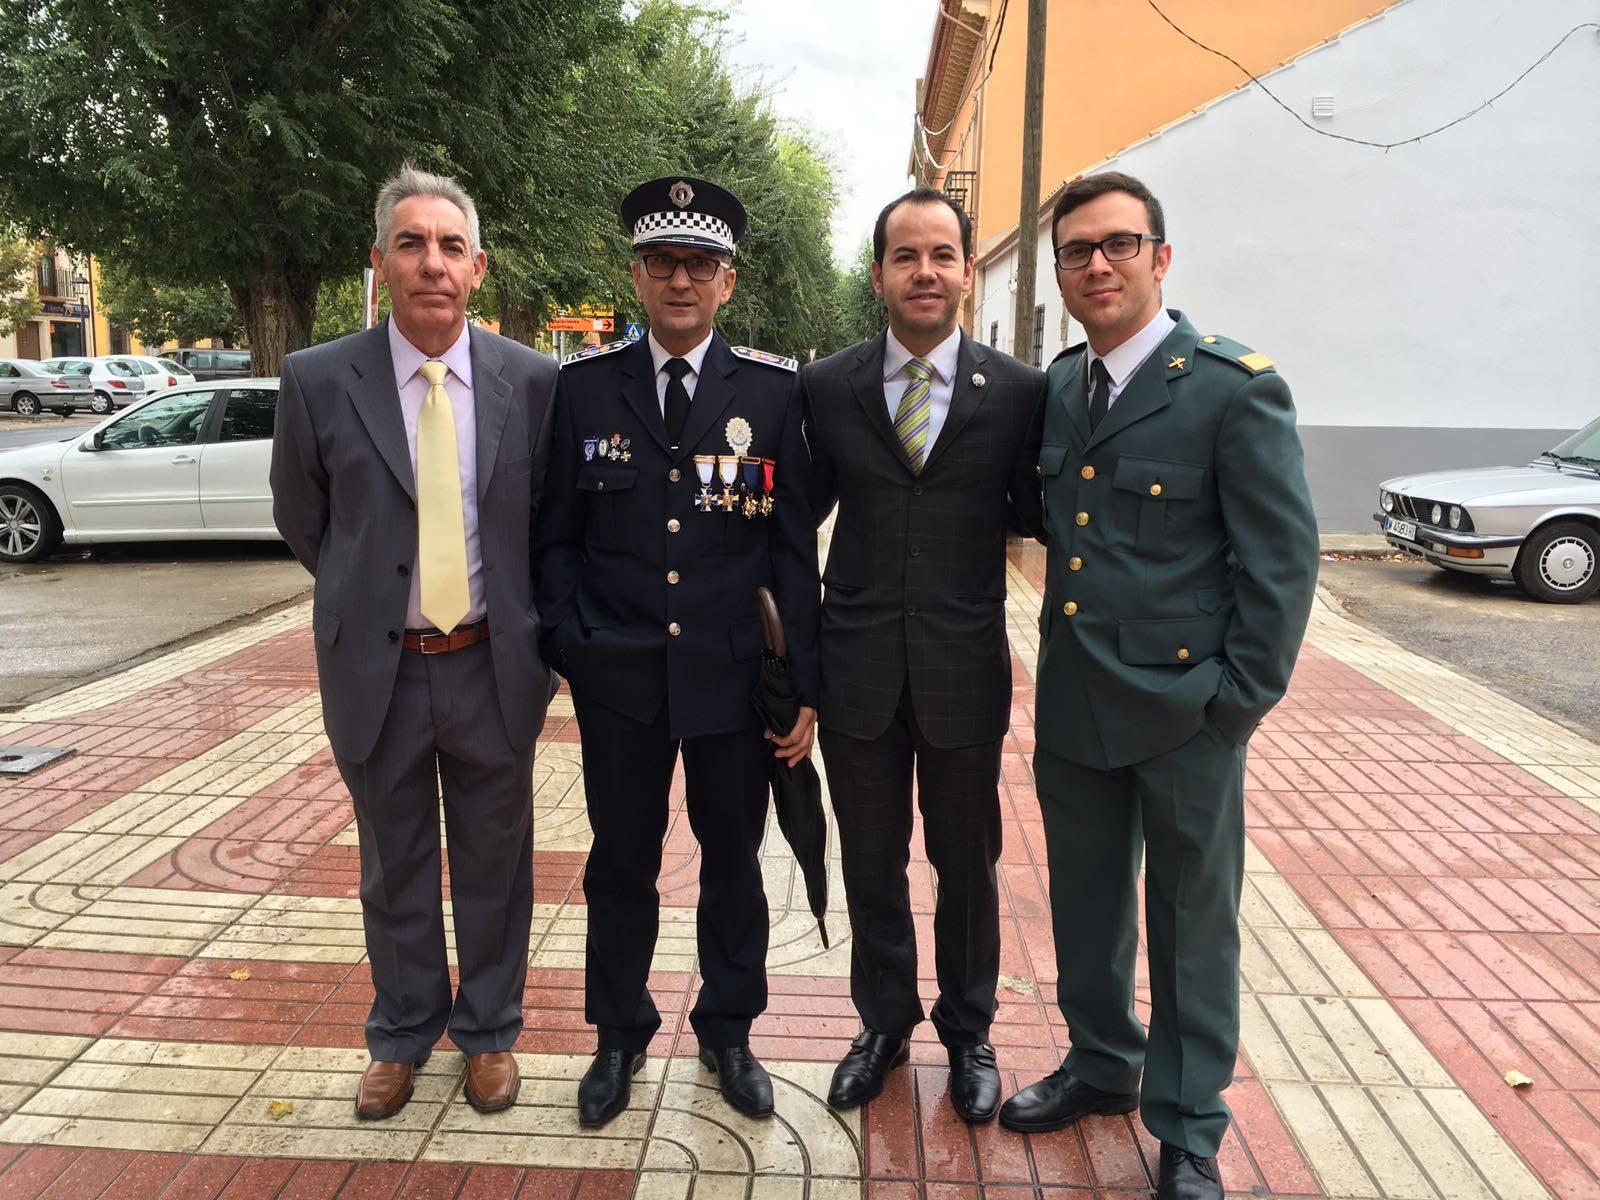 alcalde con autoridades seguridad en herencia - Herencia celebró la festividad de la Guardia Civil